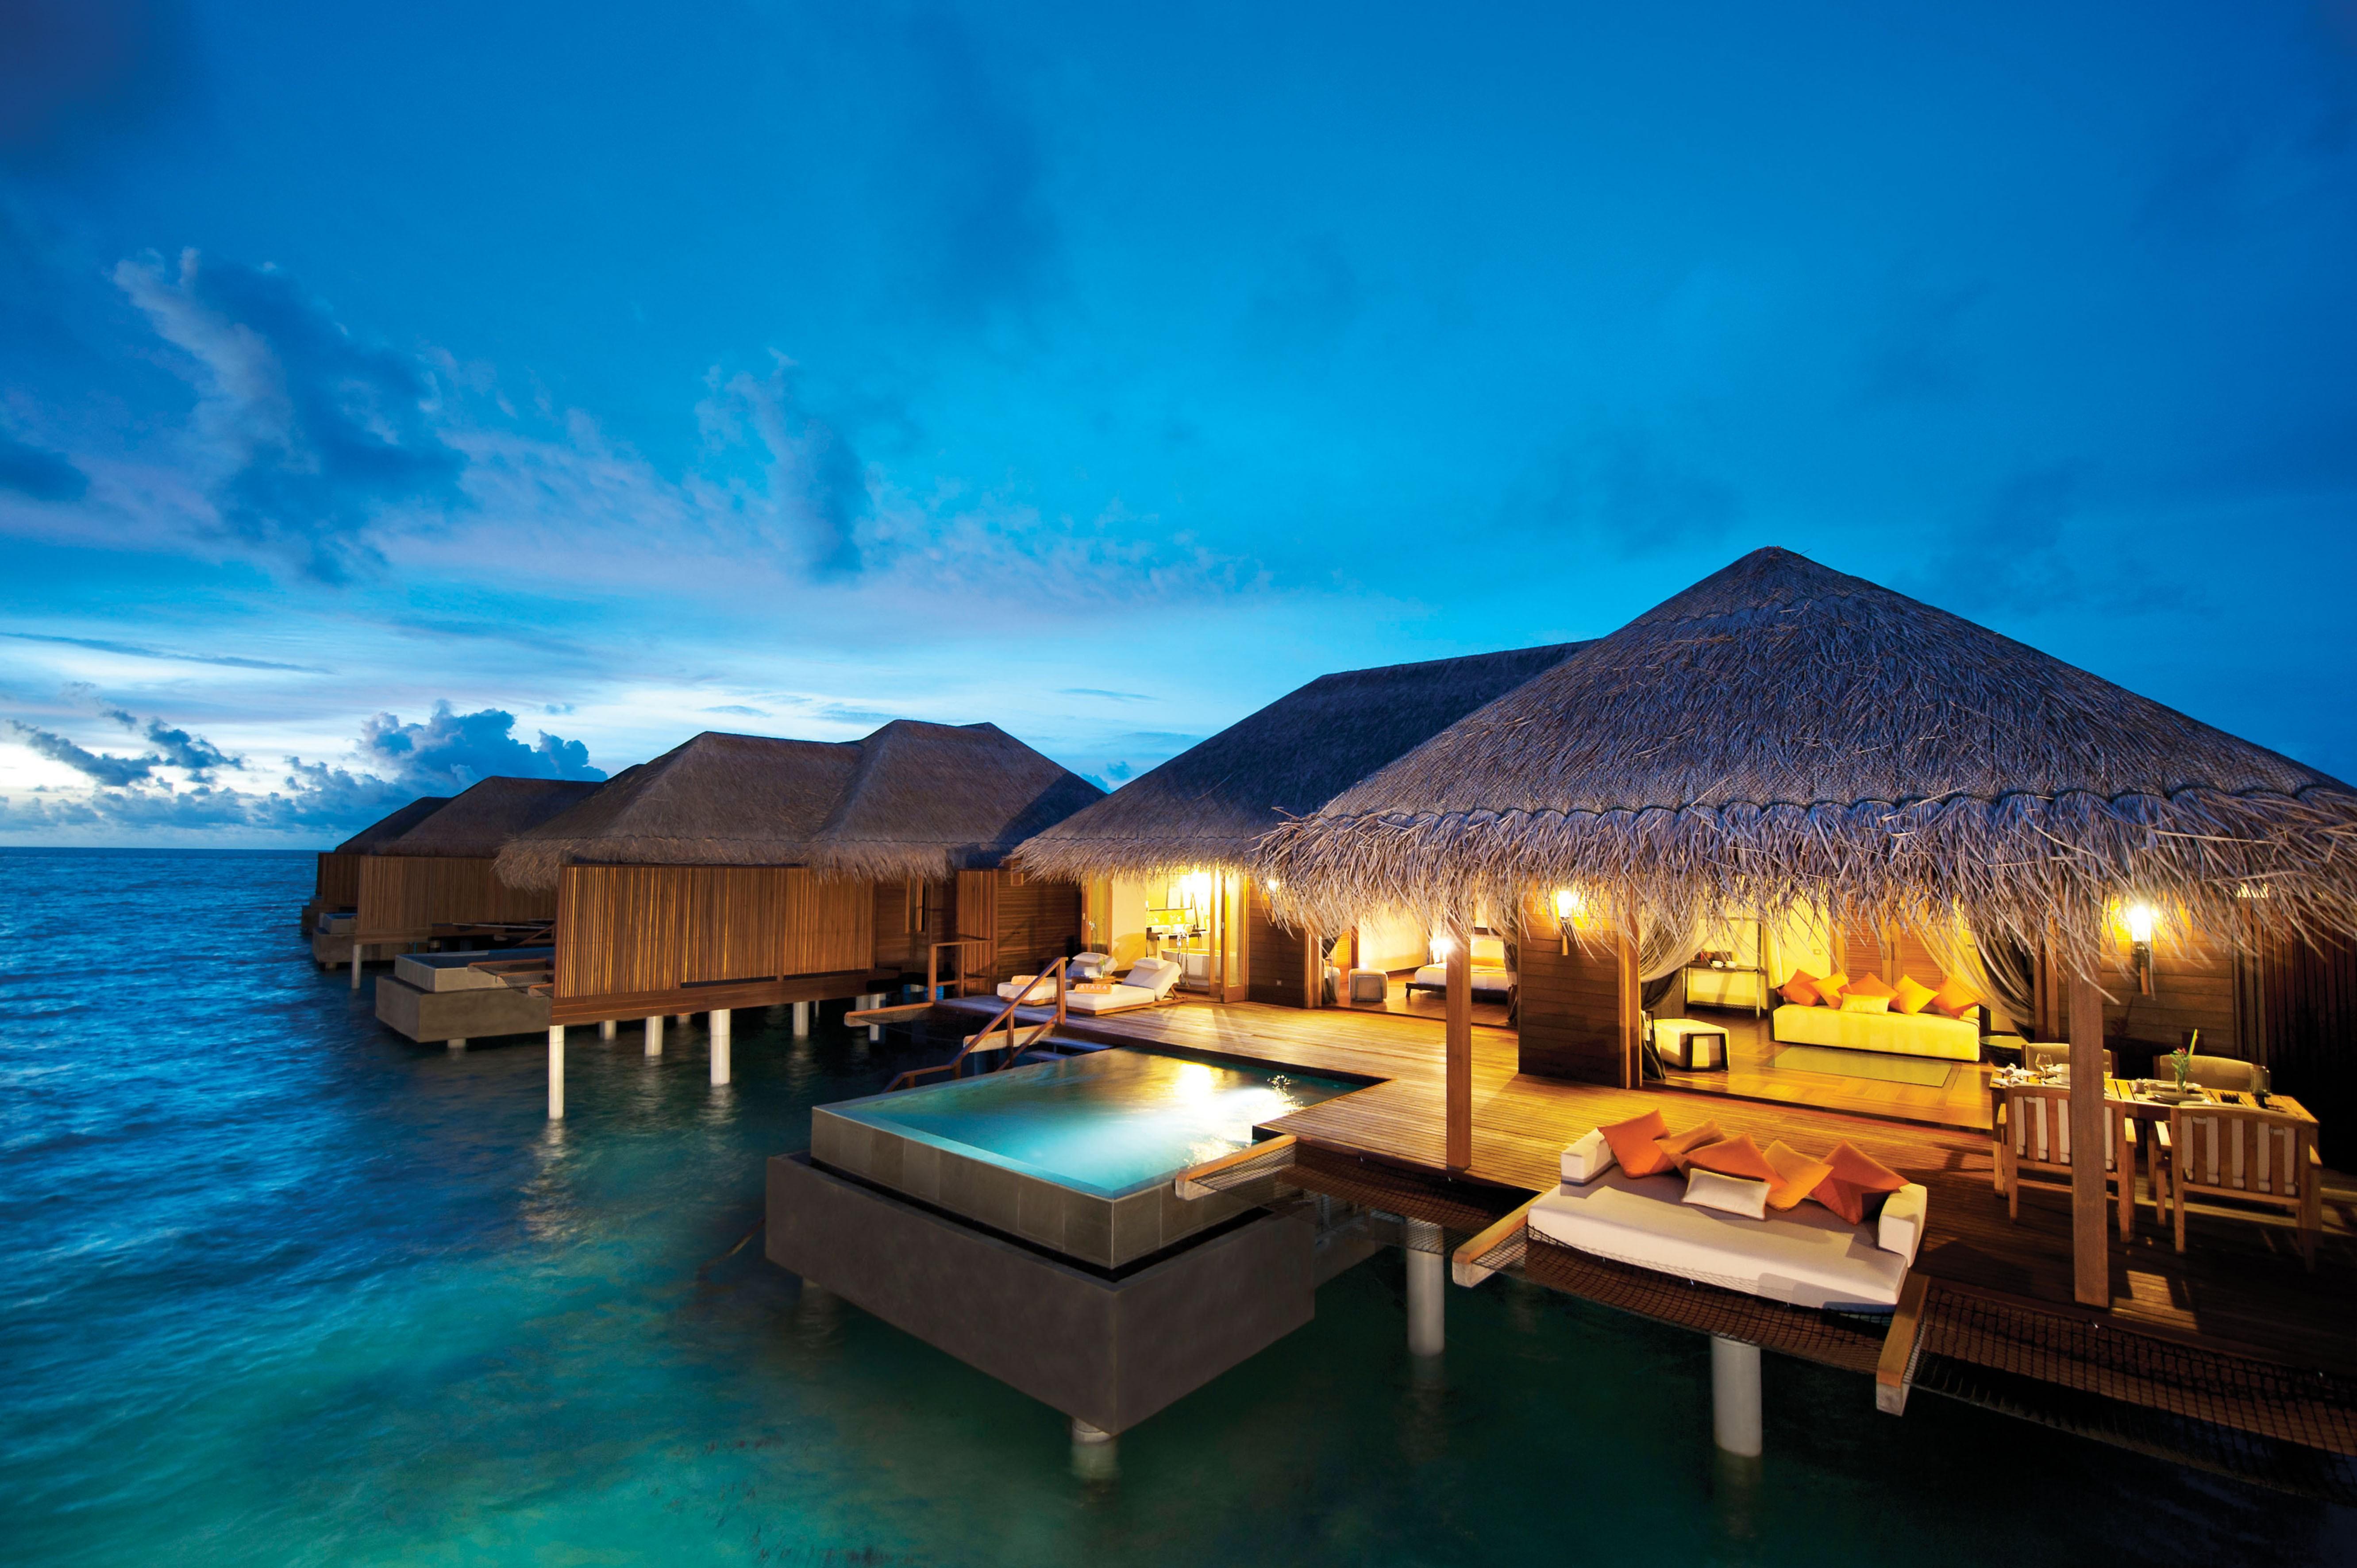 Мальдивы номера отеля отдых The Maldives the rooms the rest  № 333939 загрузить